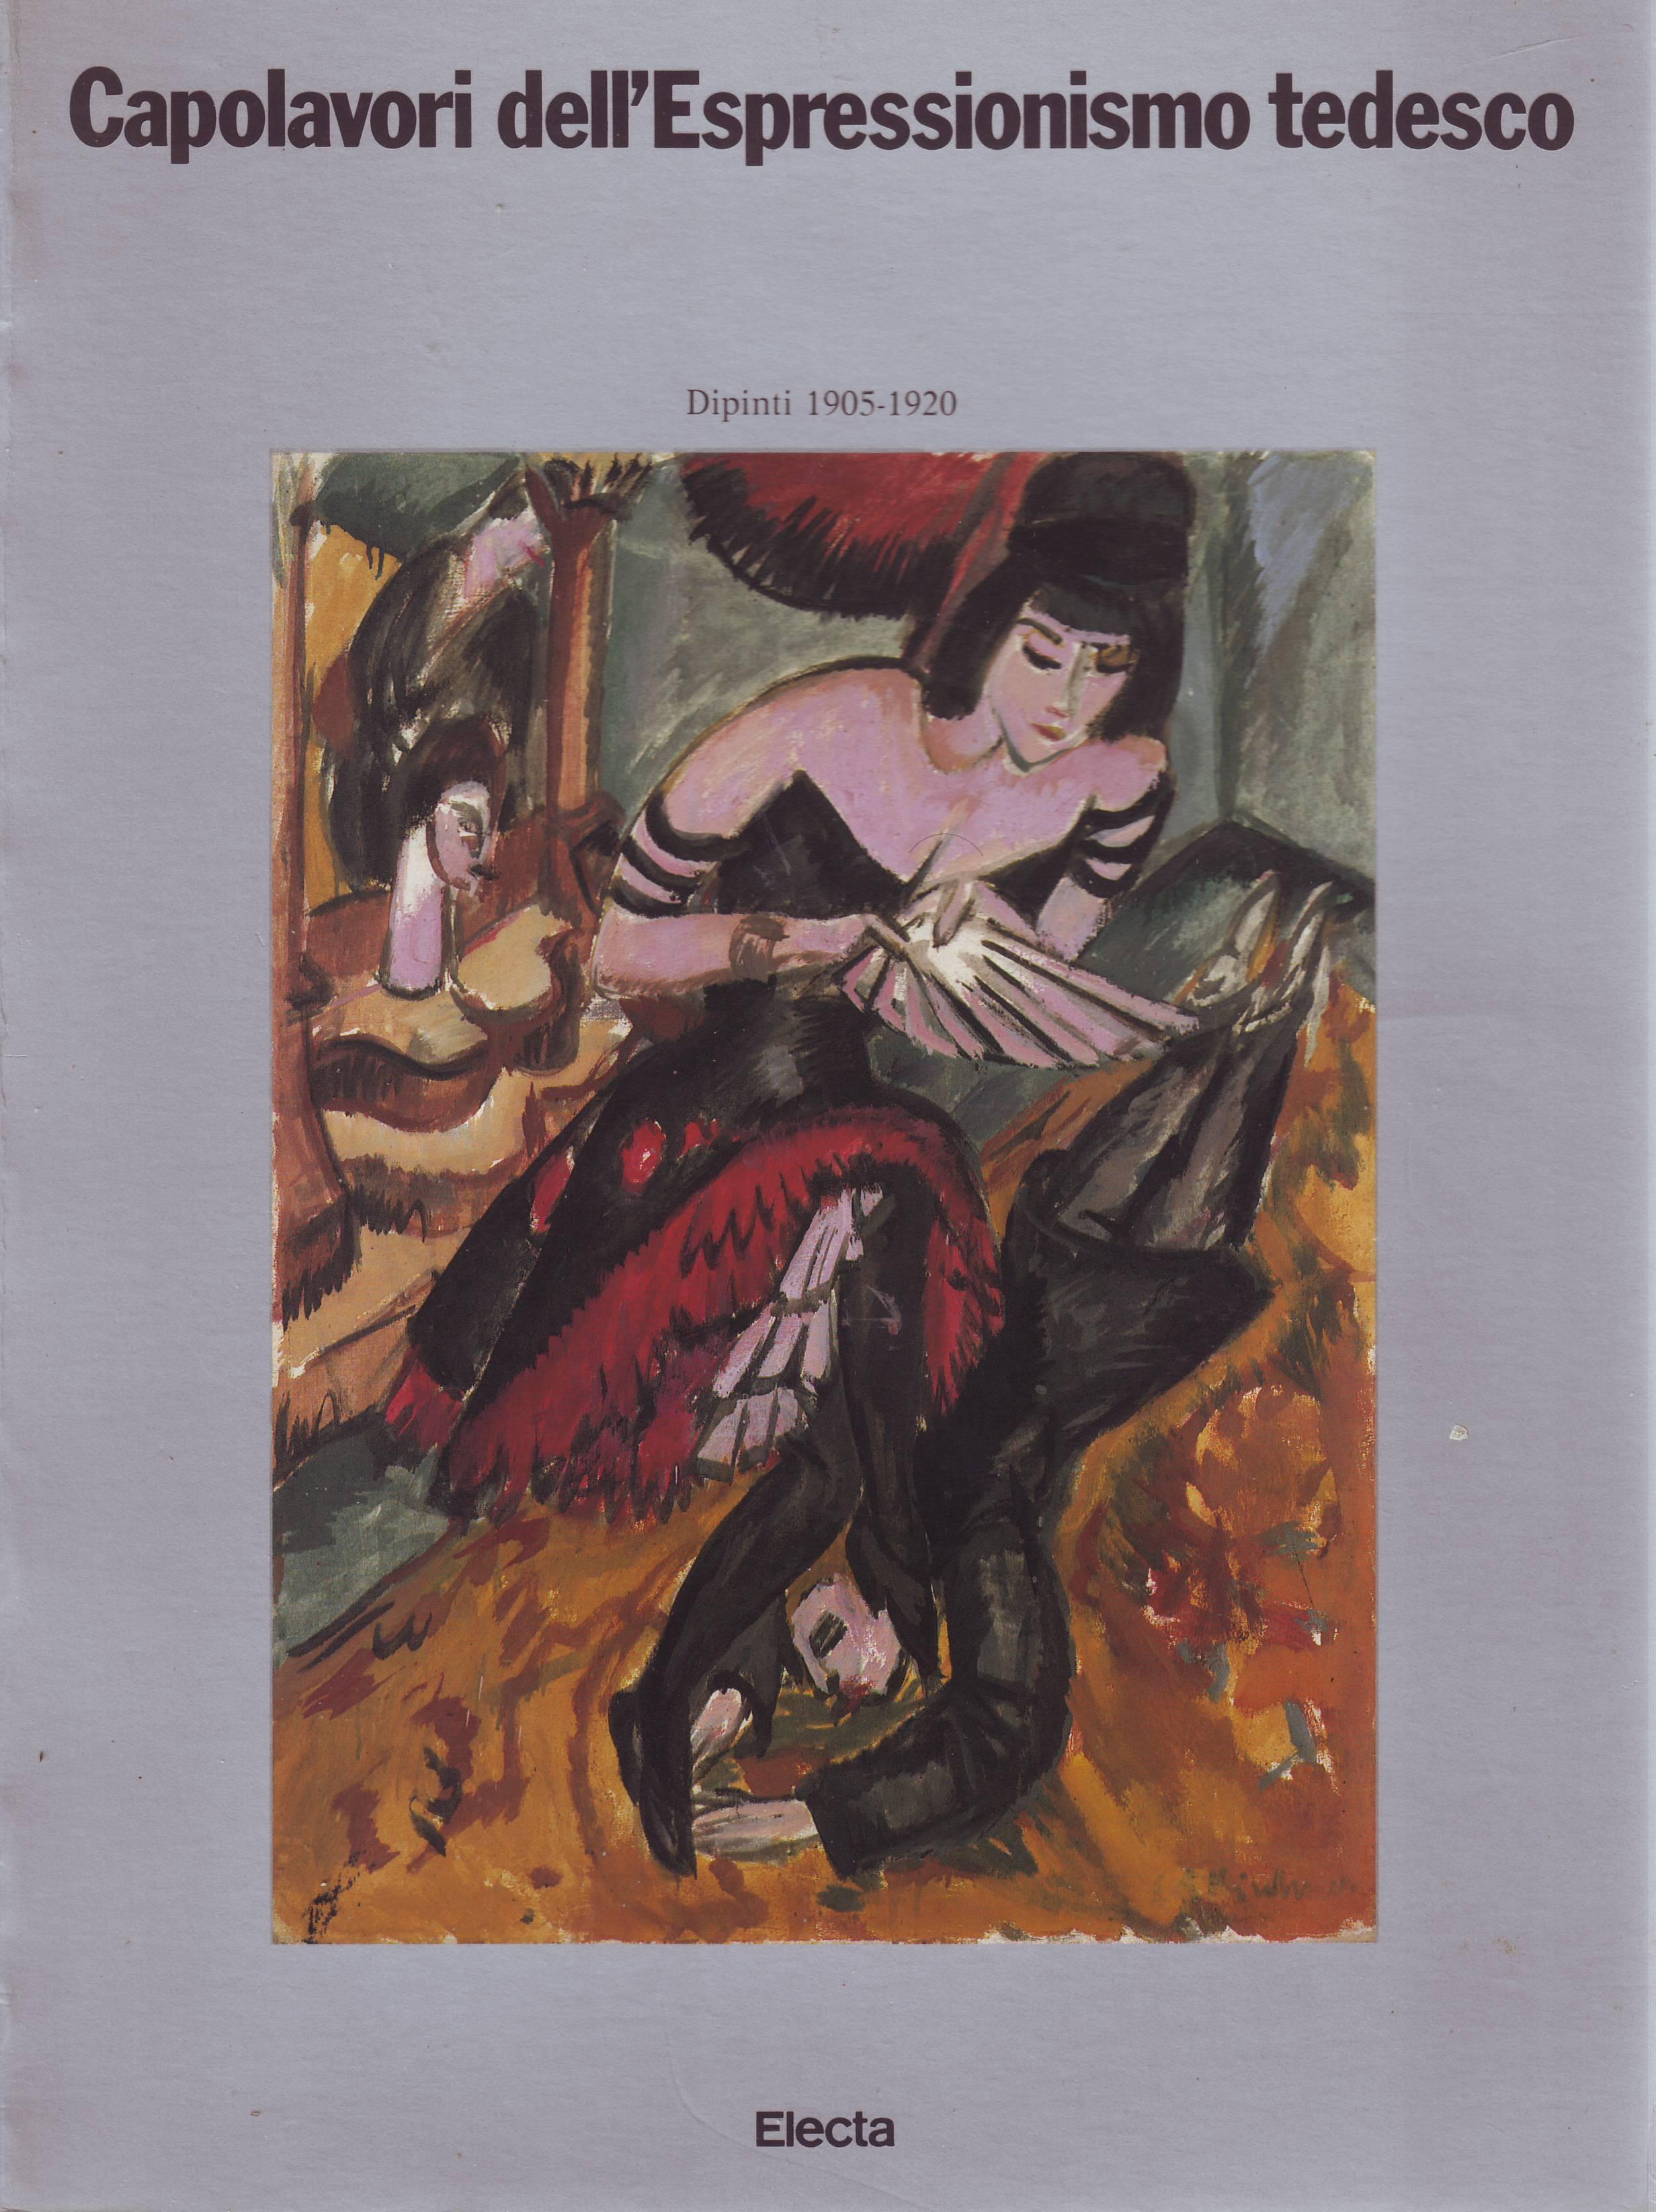 Capolavori dell'espressionismo tedesco